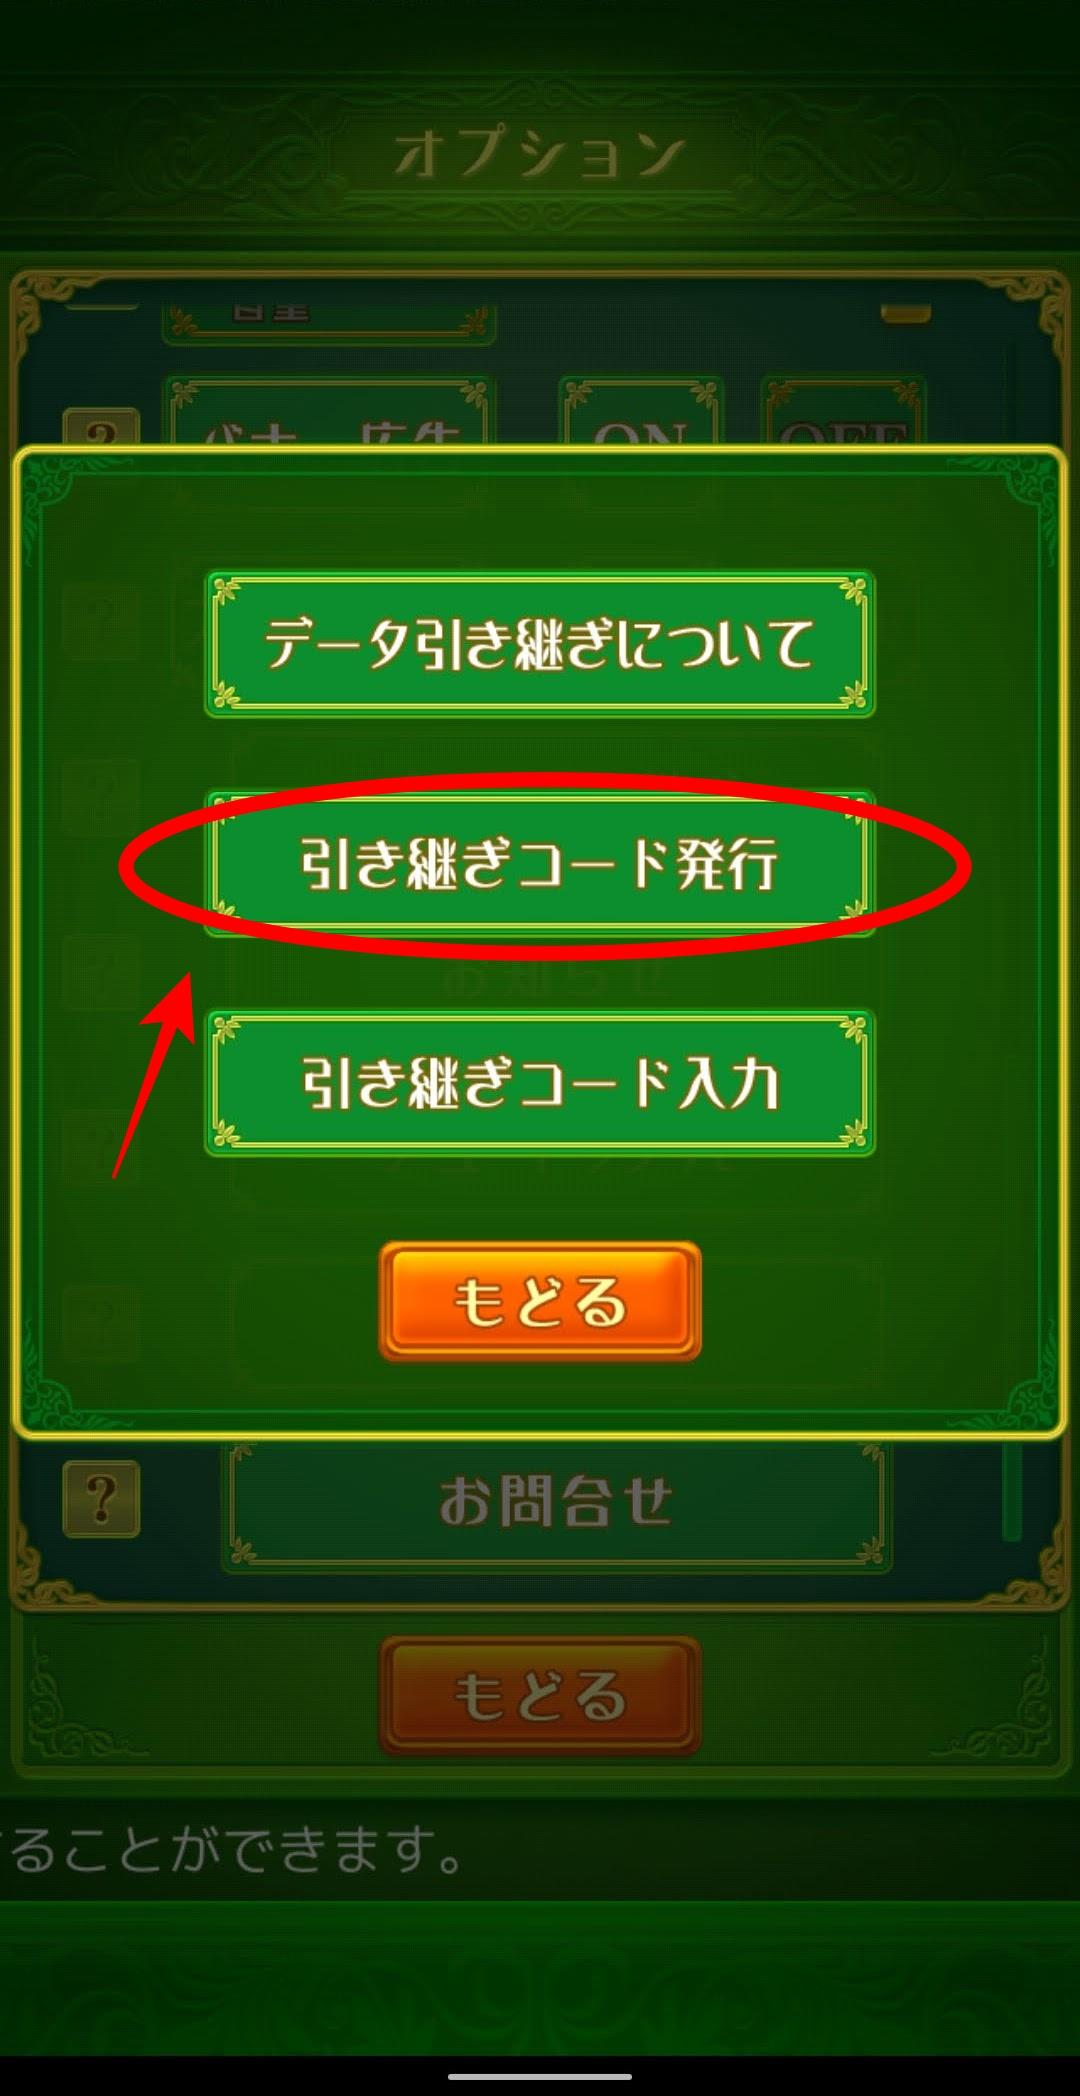 手順3 画面中央の【引き継ぎコード発行】をタップします